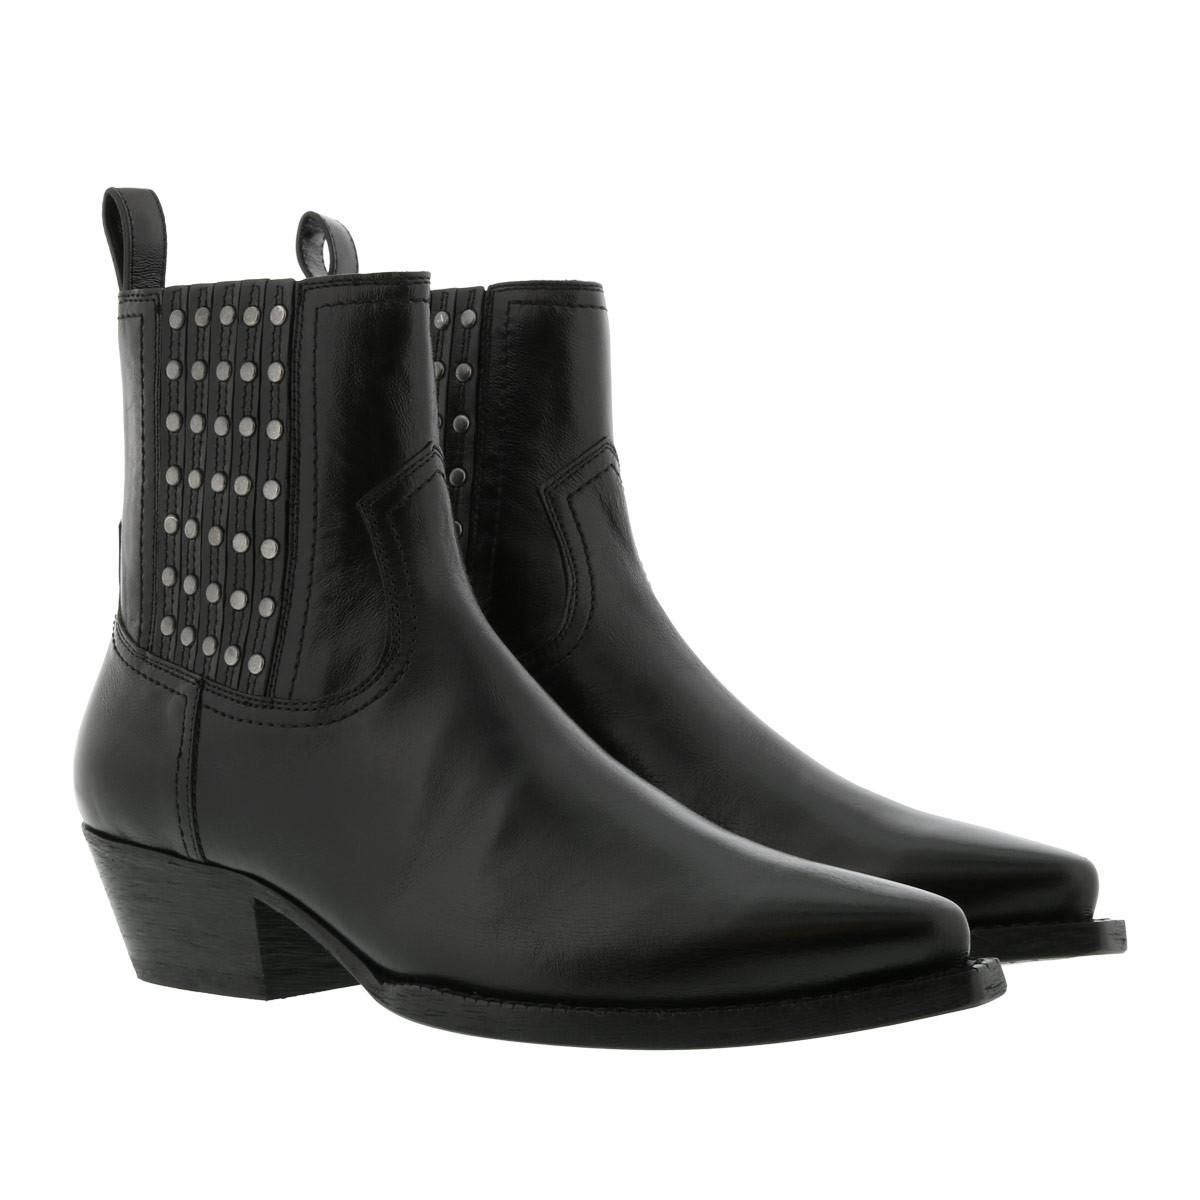 Saint Laurent Boots - Lukas Boots Studs 40 Noir - in schwarz - für Damen